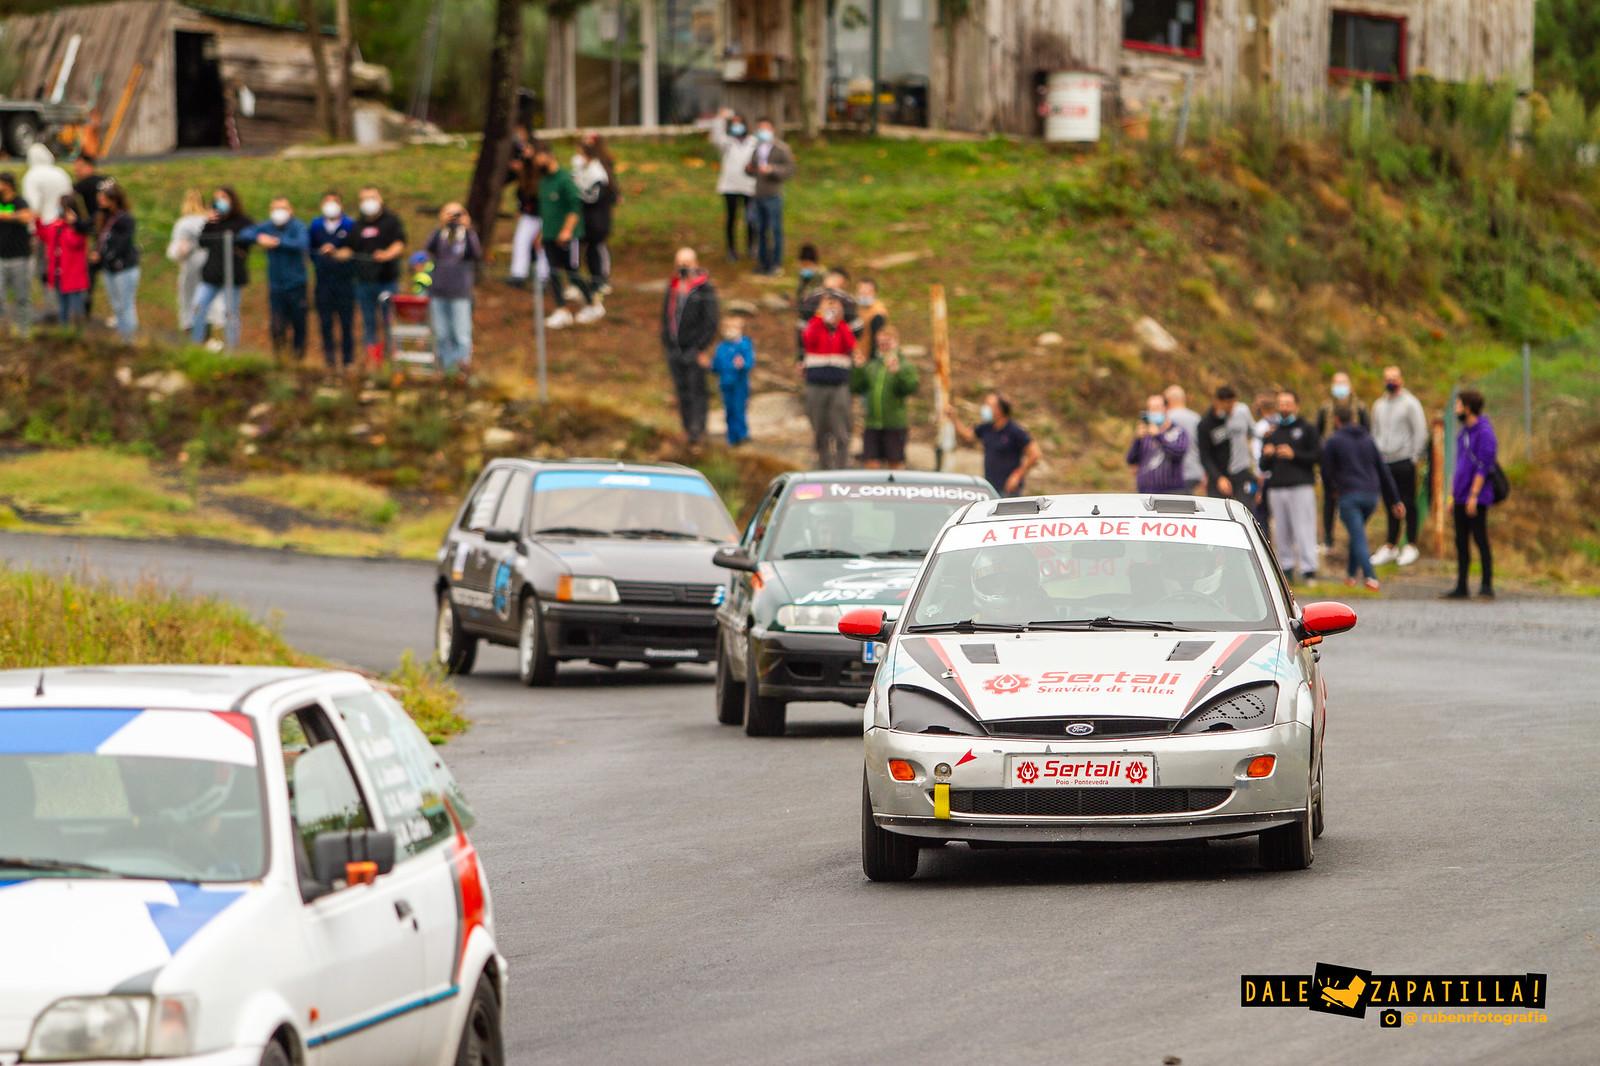 1ª Dale Zapatilla Ourense - Domingo